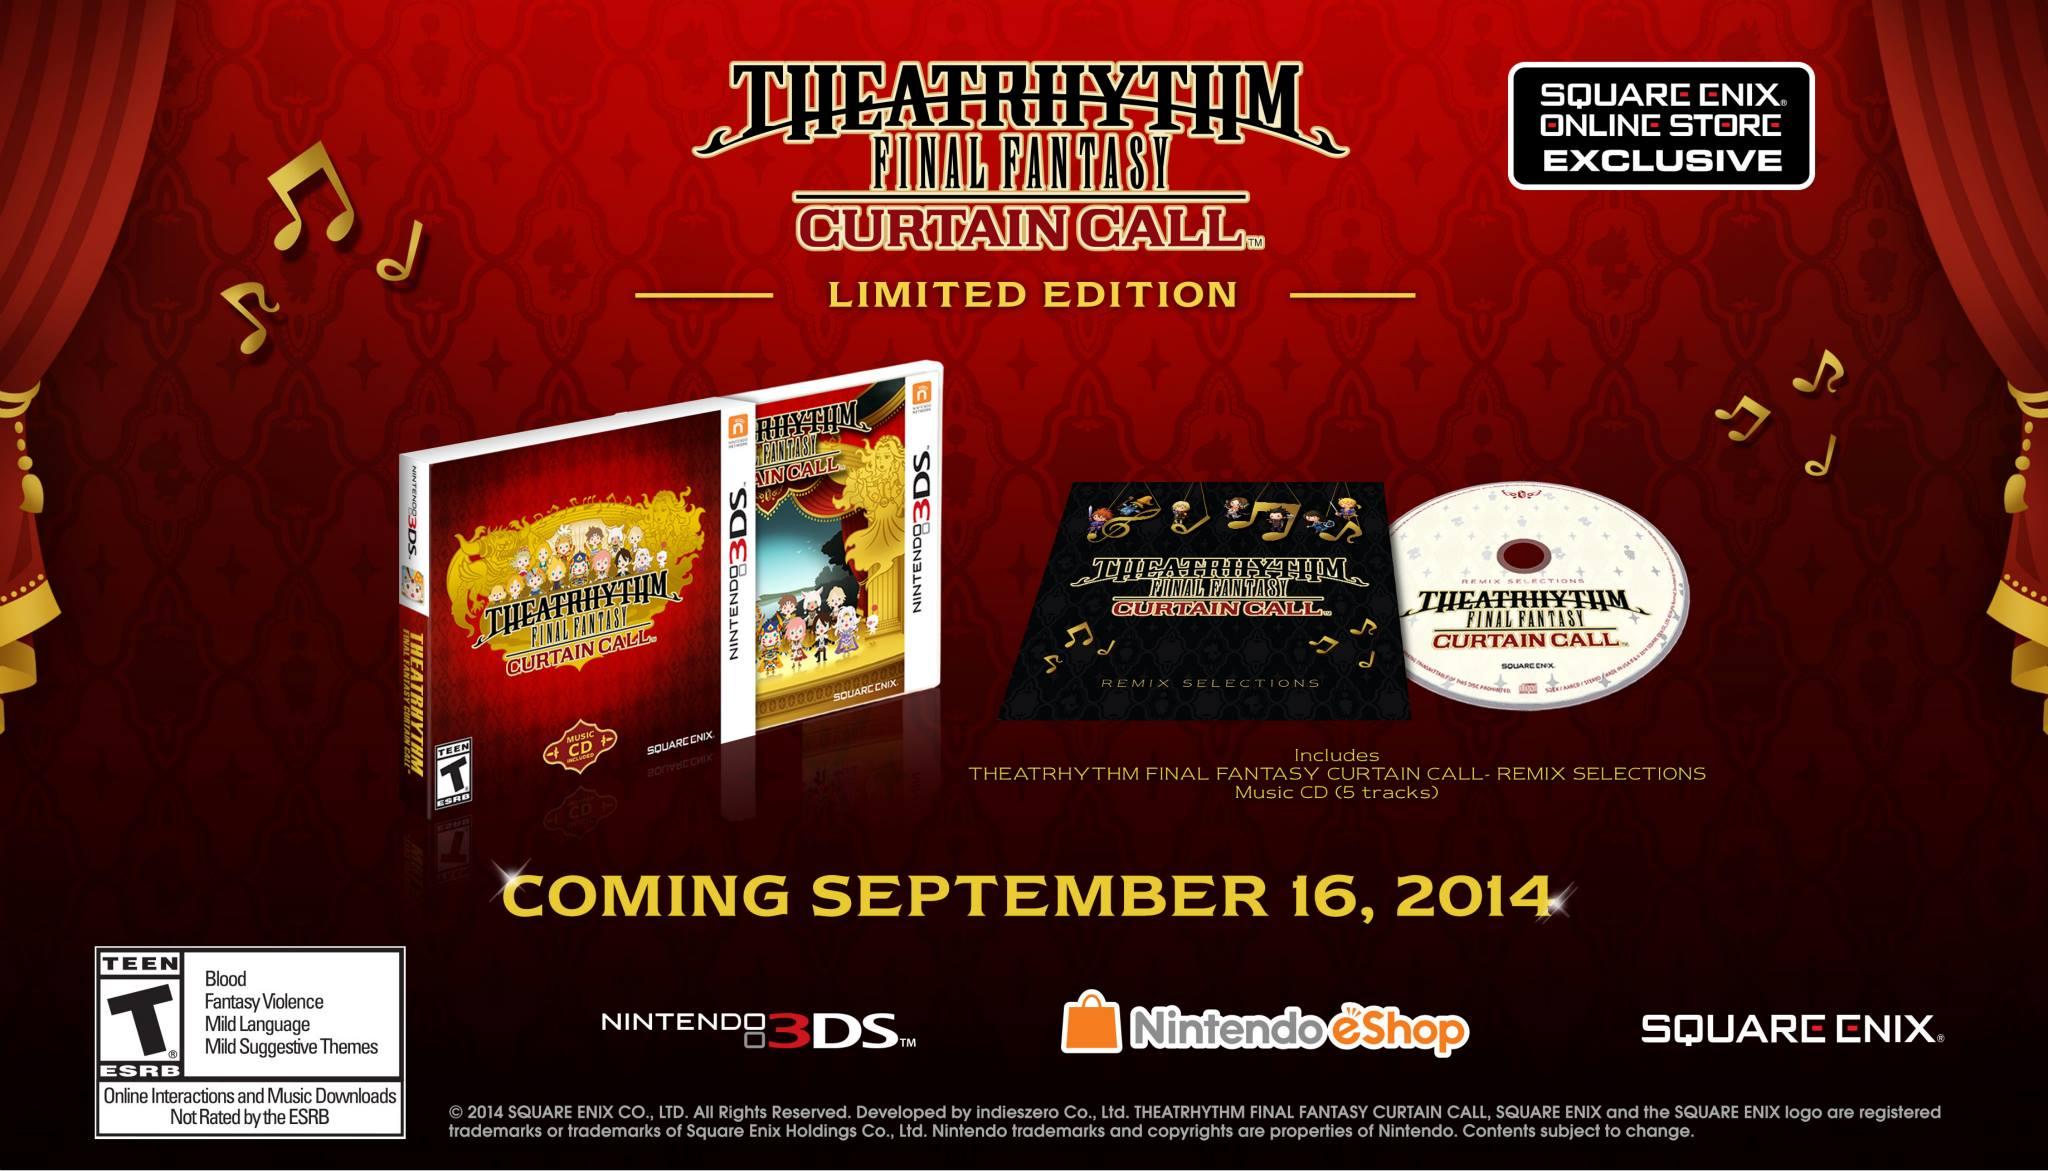 Das ist die Erstauflage des Spiels - eine Bonus-CD als Geschenk. (Foto: Square Enix)